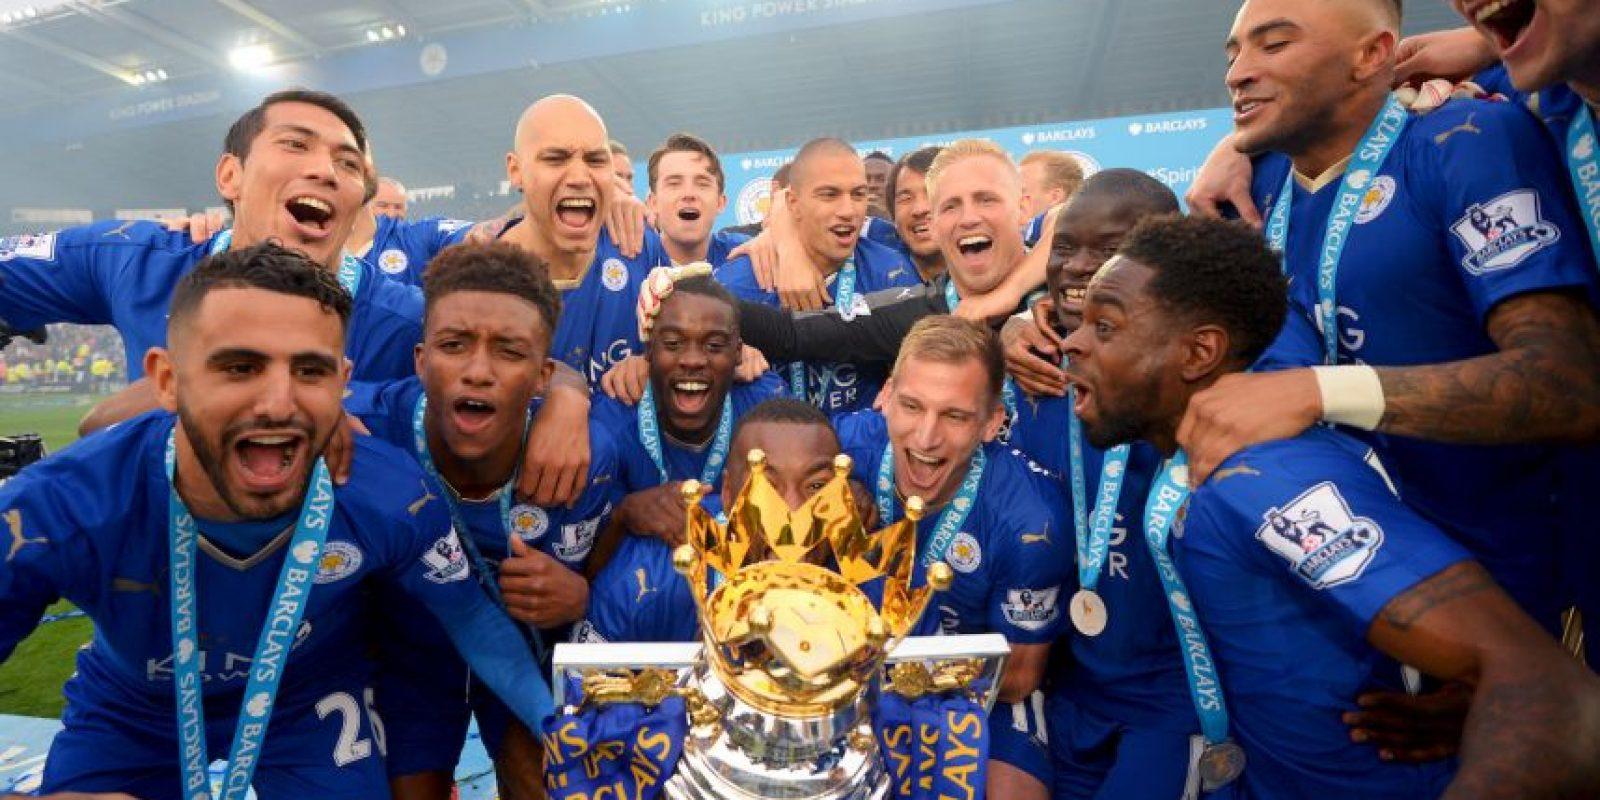 El sábado 13 de agosto comenzará la Premier League. Leicester quiere dar la sorpresa nuevamente Foto:Getty Images